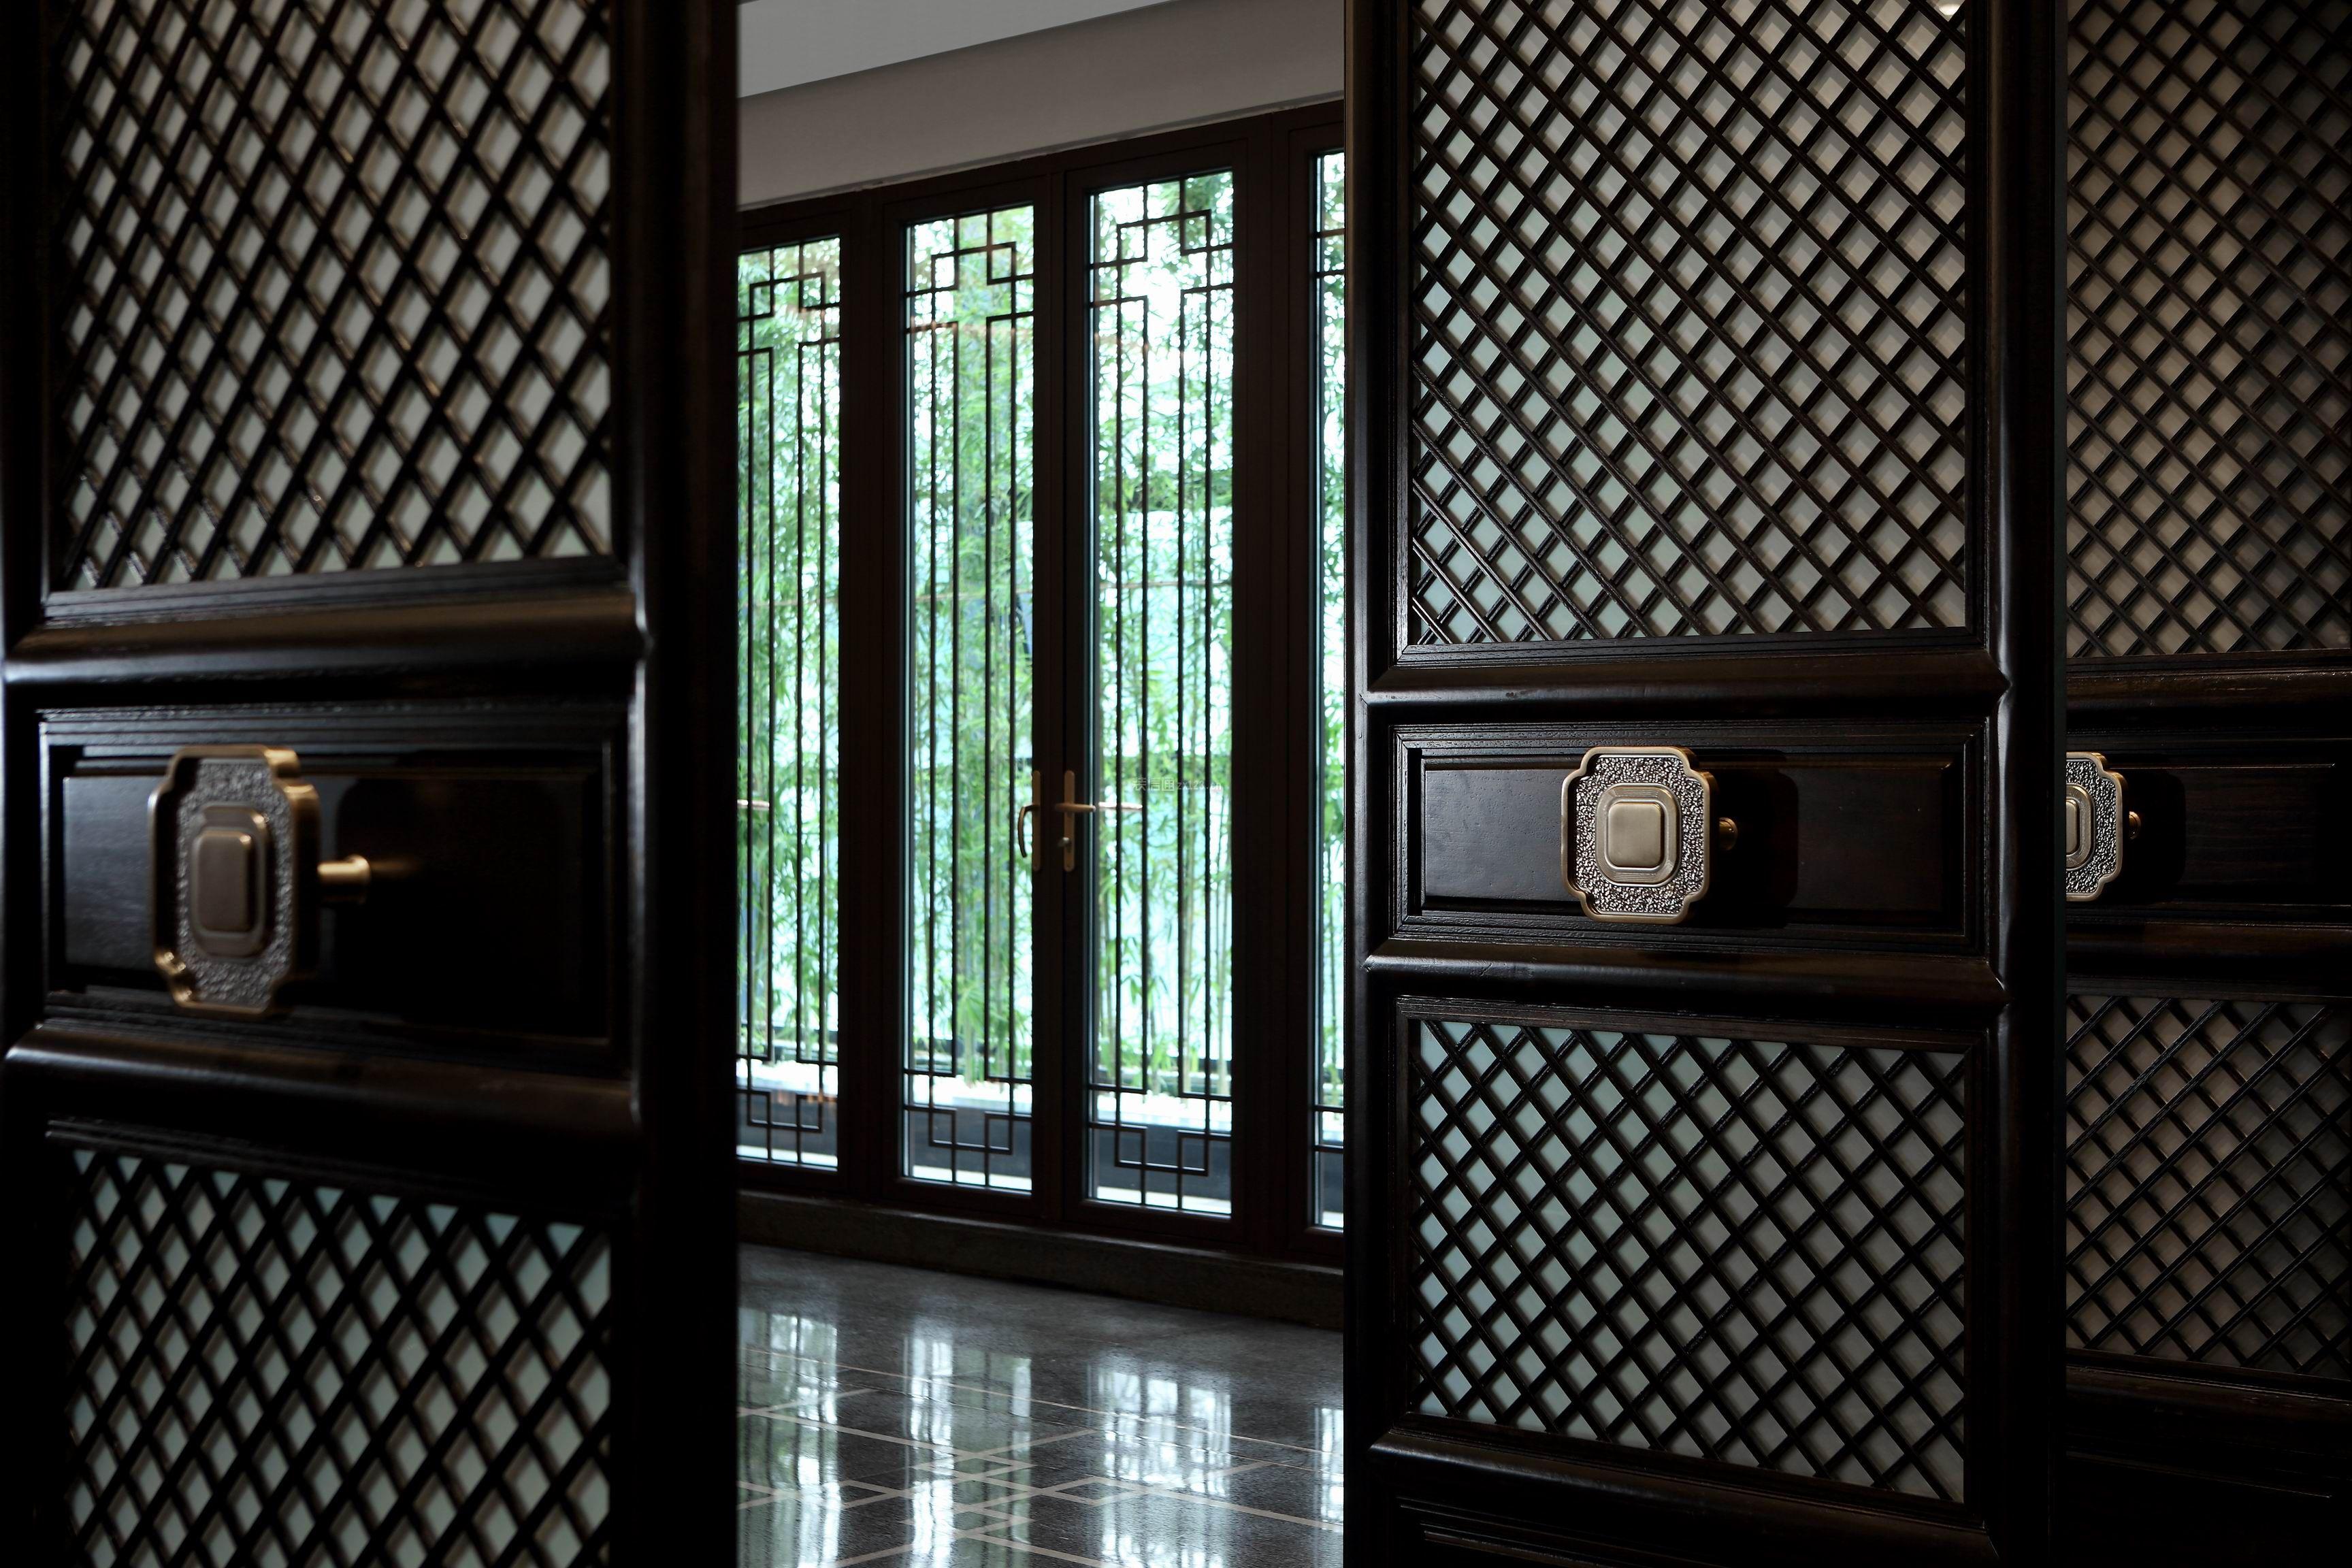 新中式信息休闲所室内风格设计图片重庆装修设计招聘门窗图片